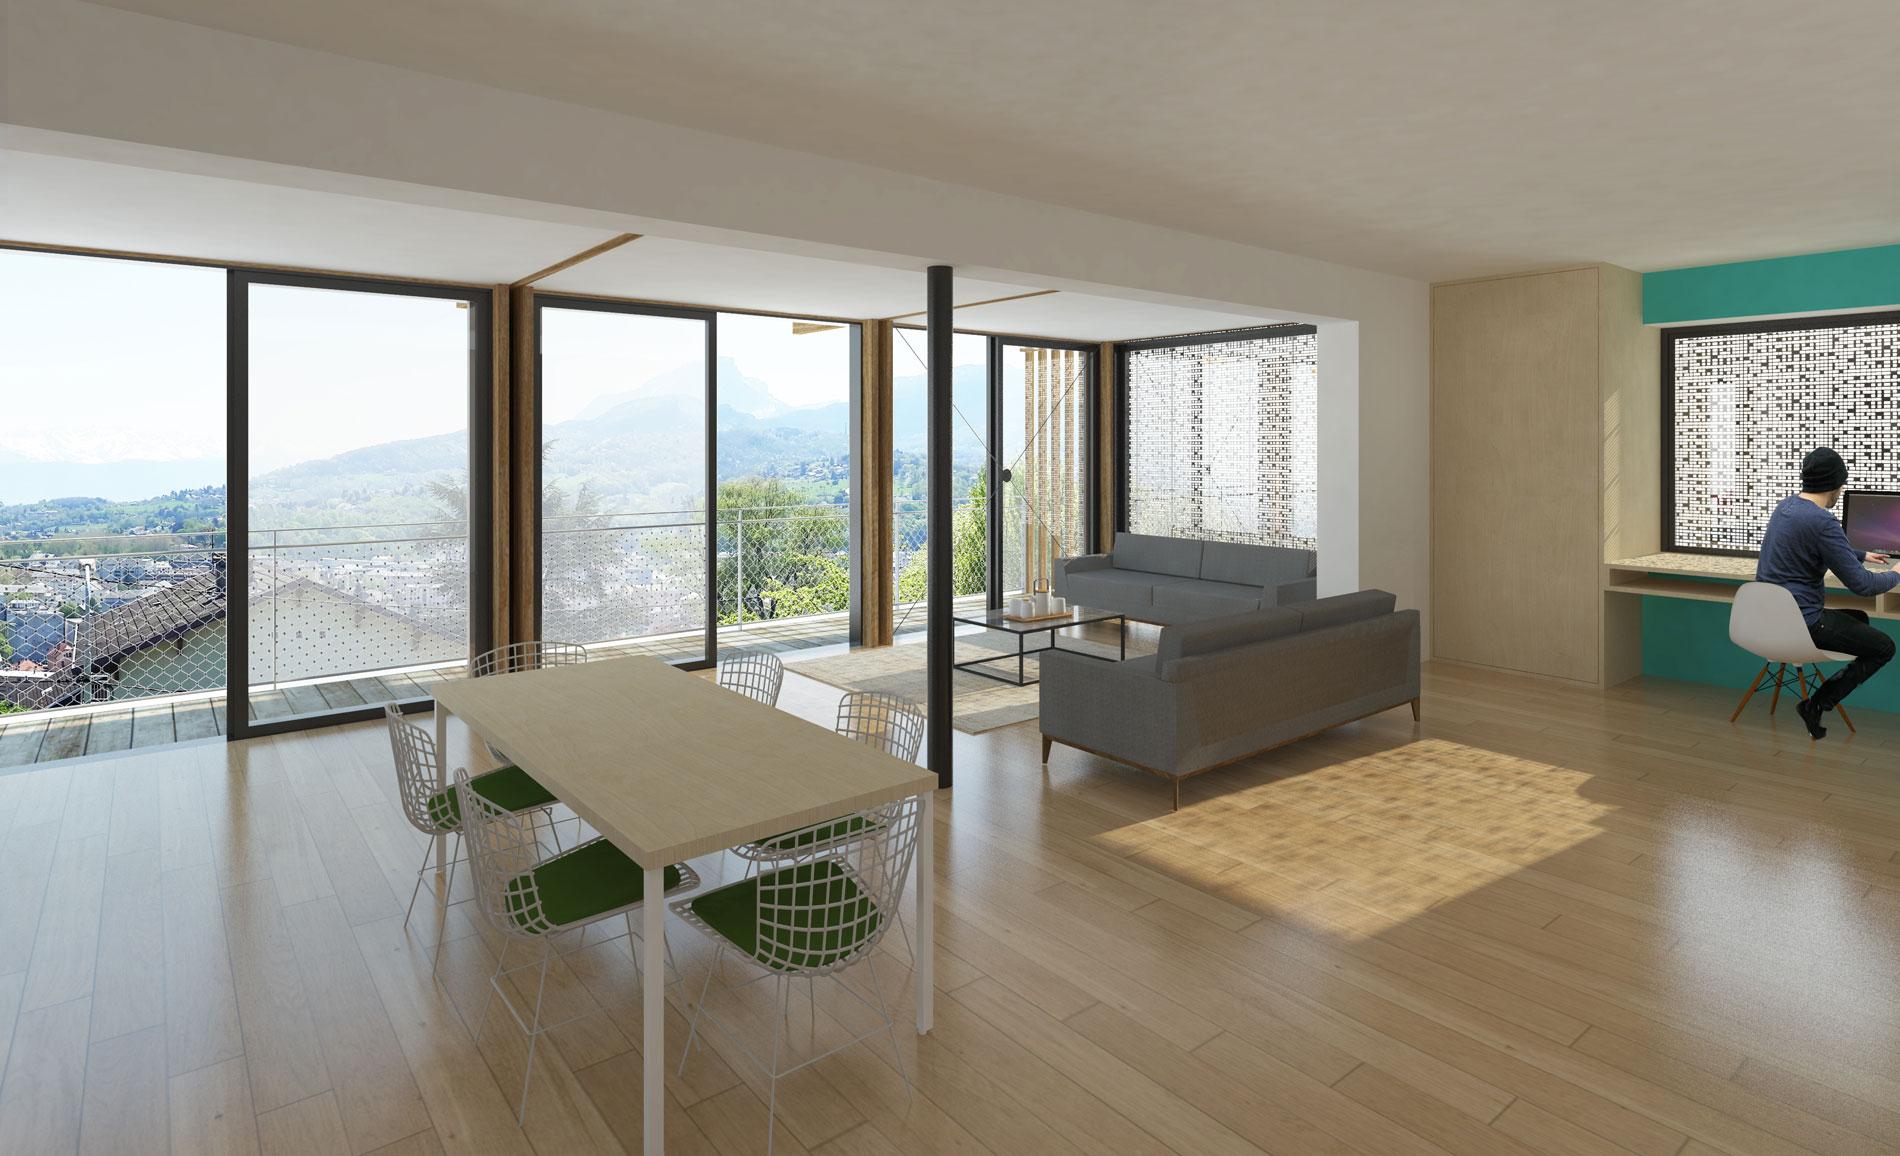 asb-architecture-extension-maison-chambery-les-monts-savoie-1-interieur